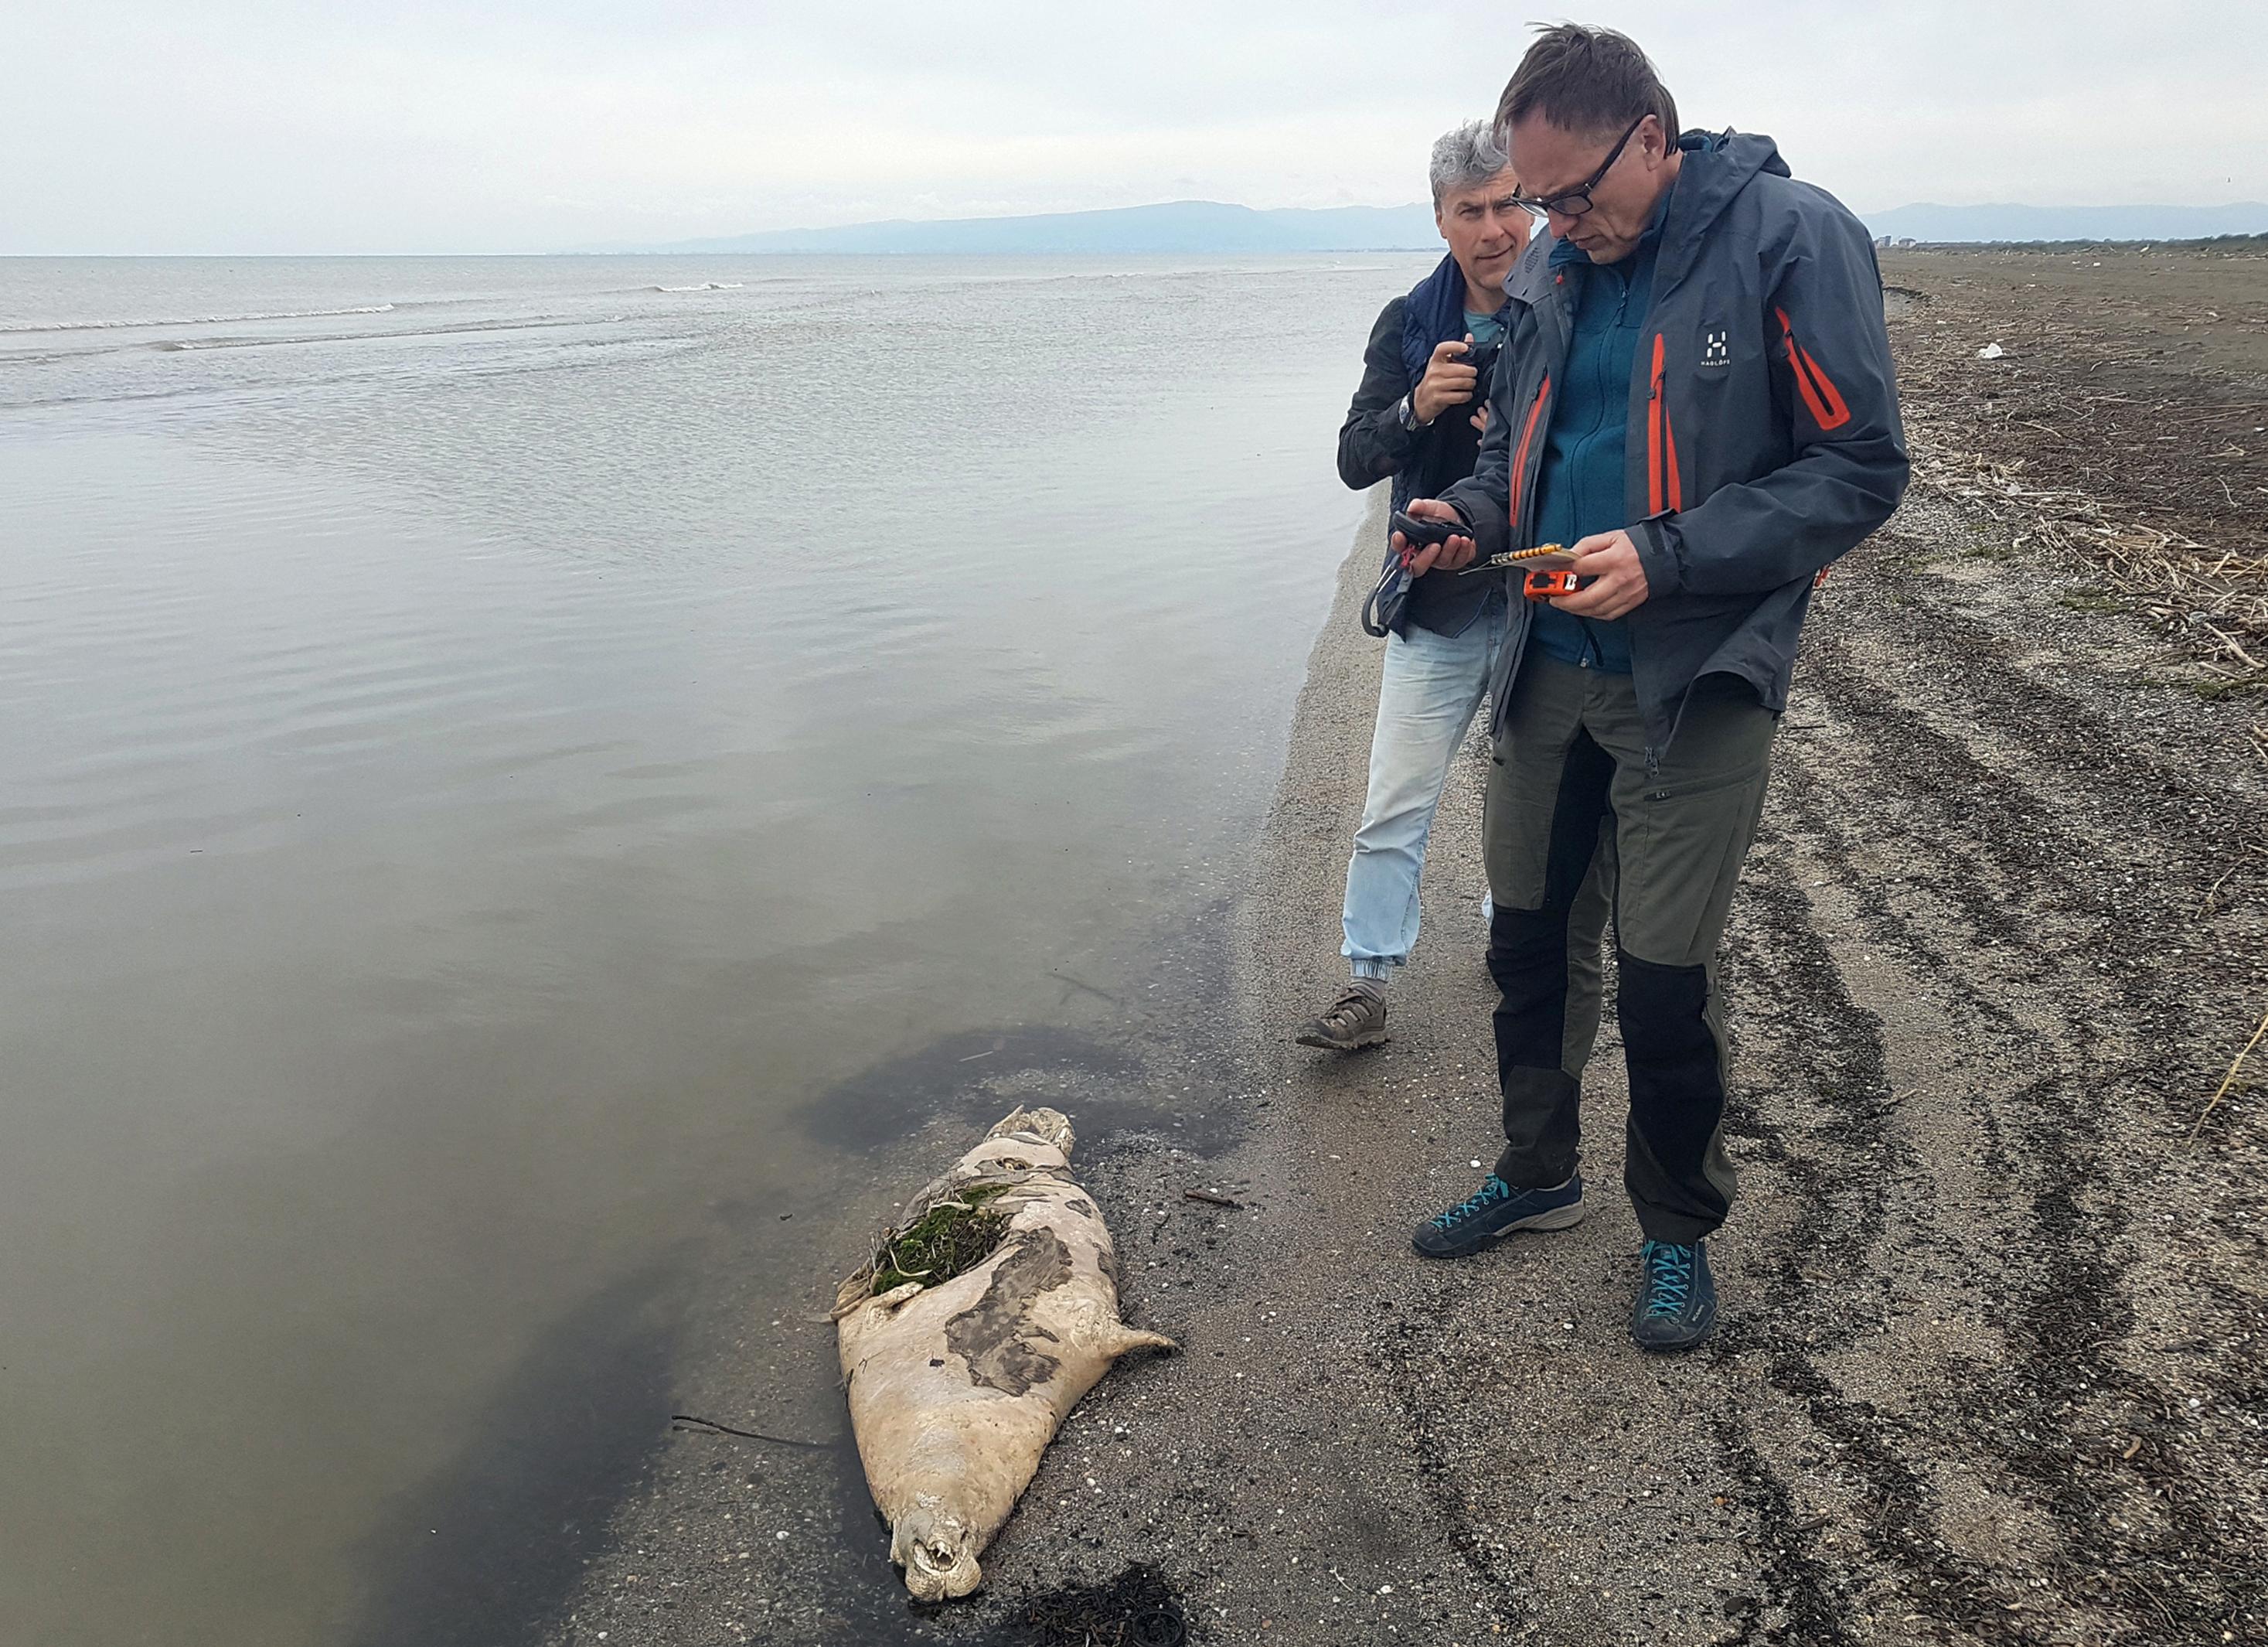 170 fiatal fóka tetemét mosta partra a víz a Kaszpi-tengernél